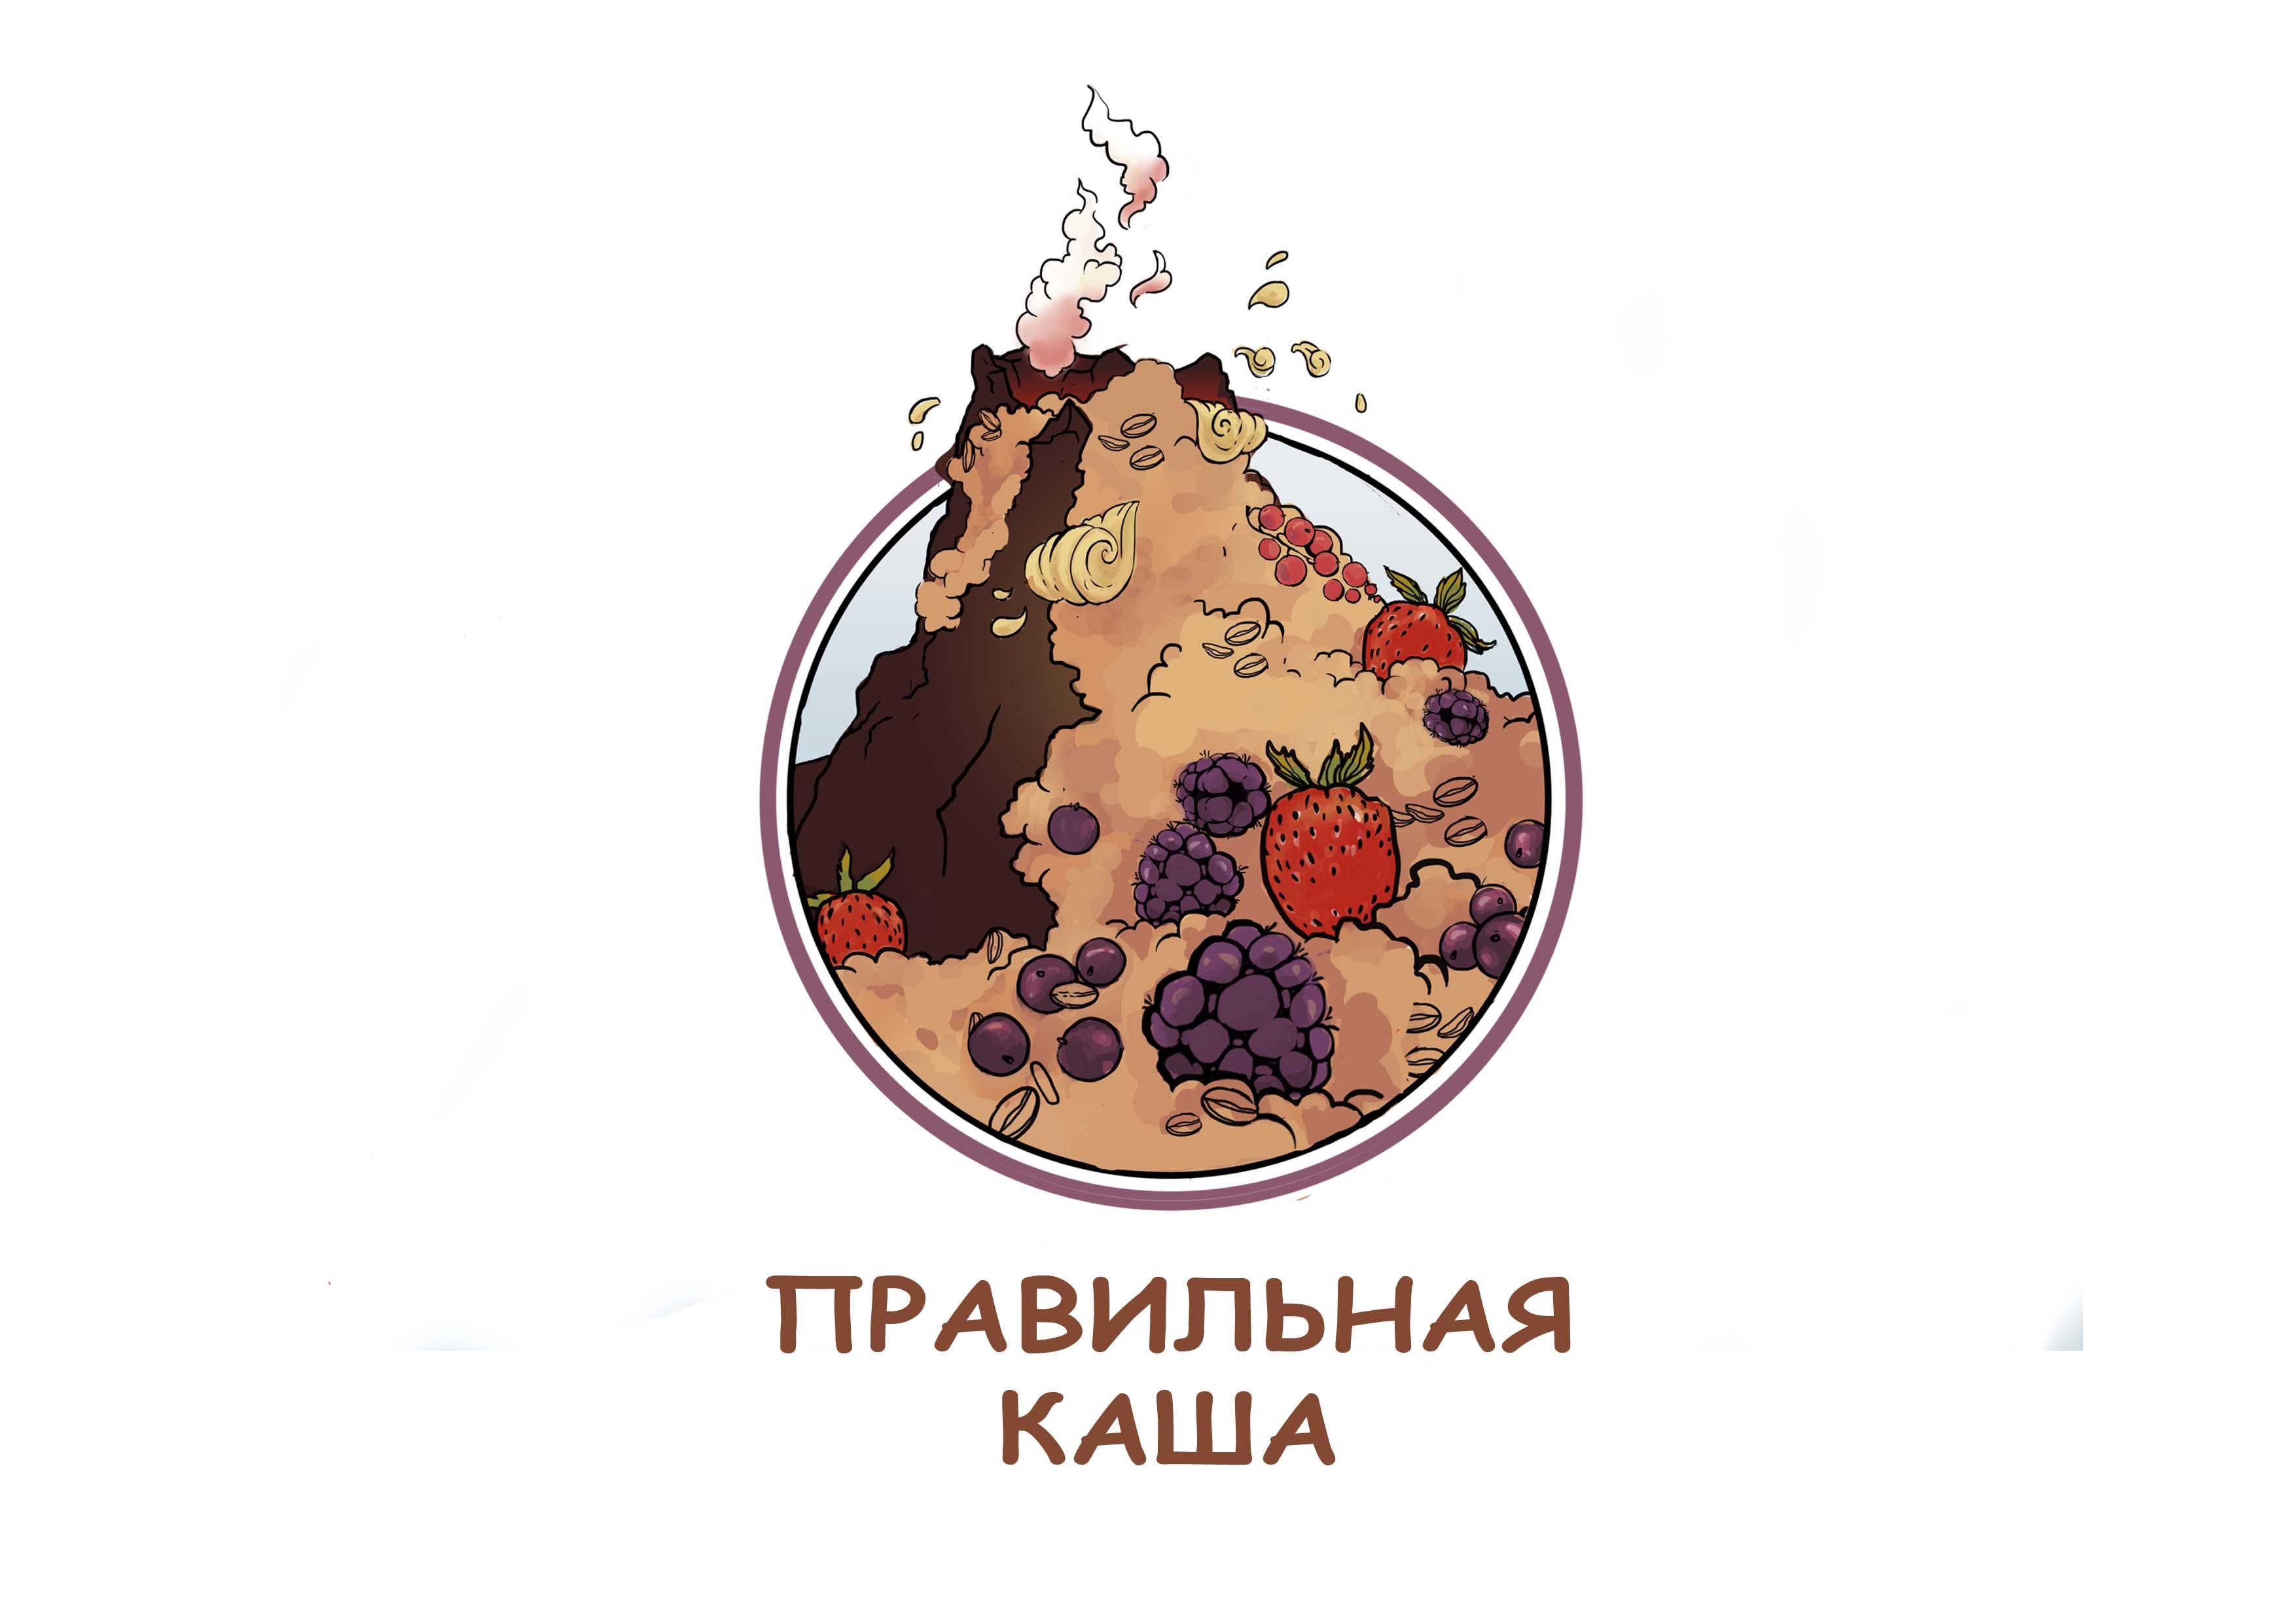 Веб-дизайнер, создание логотипа. фото f_4805ec12df6de5c2.jpg